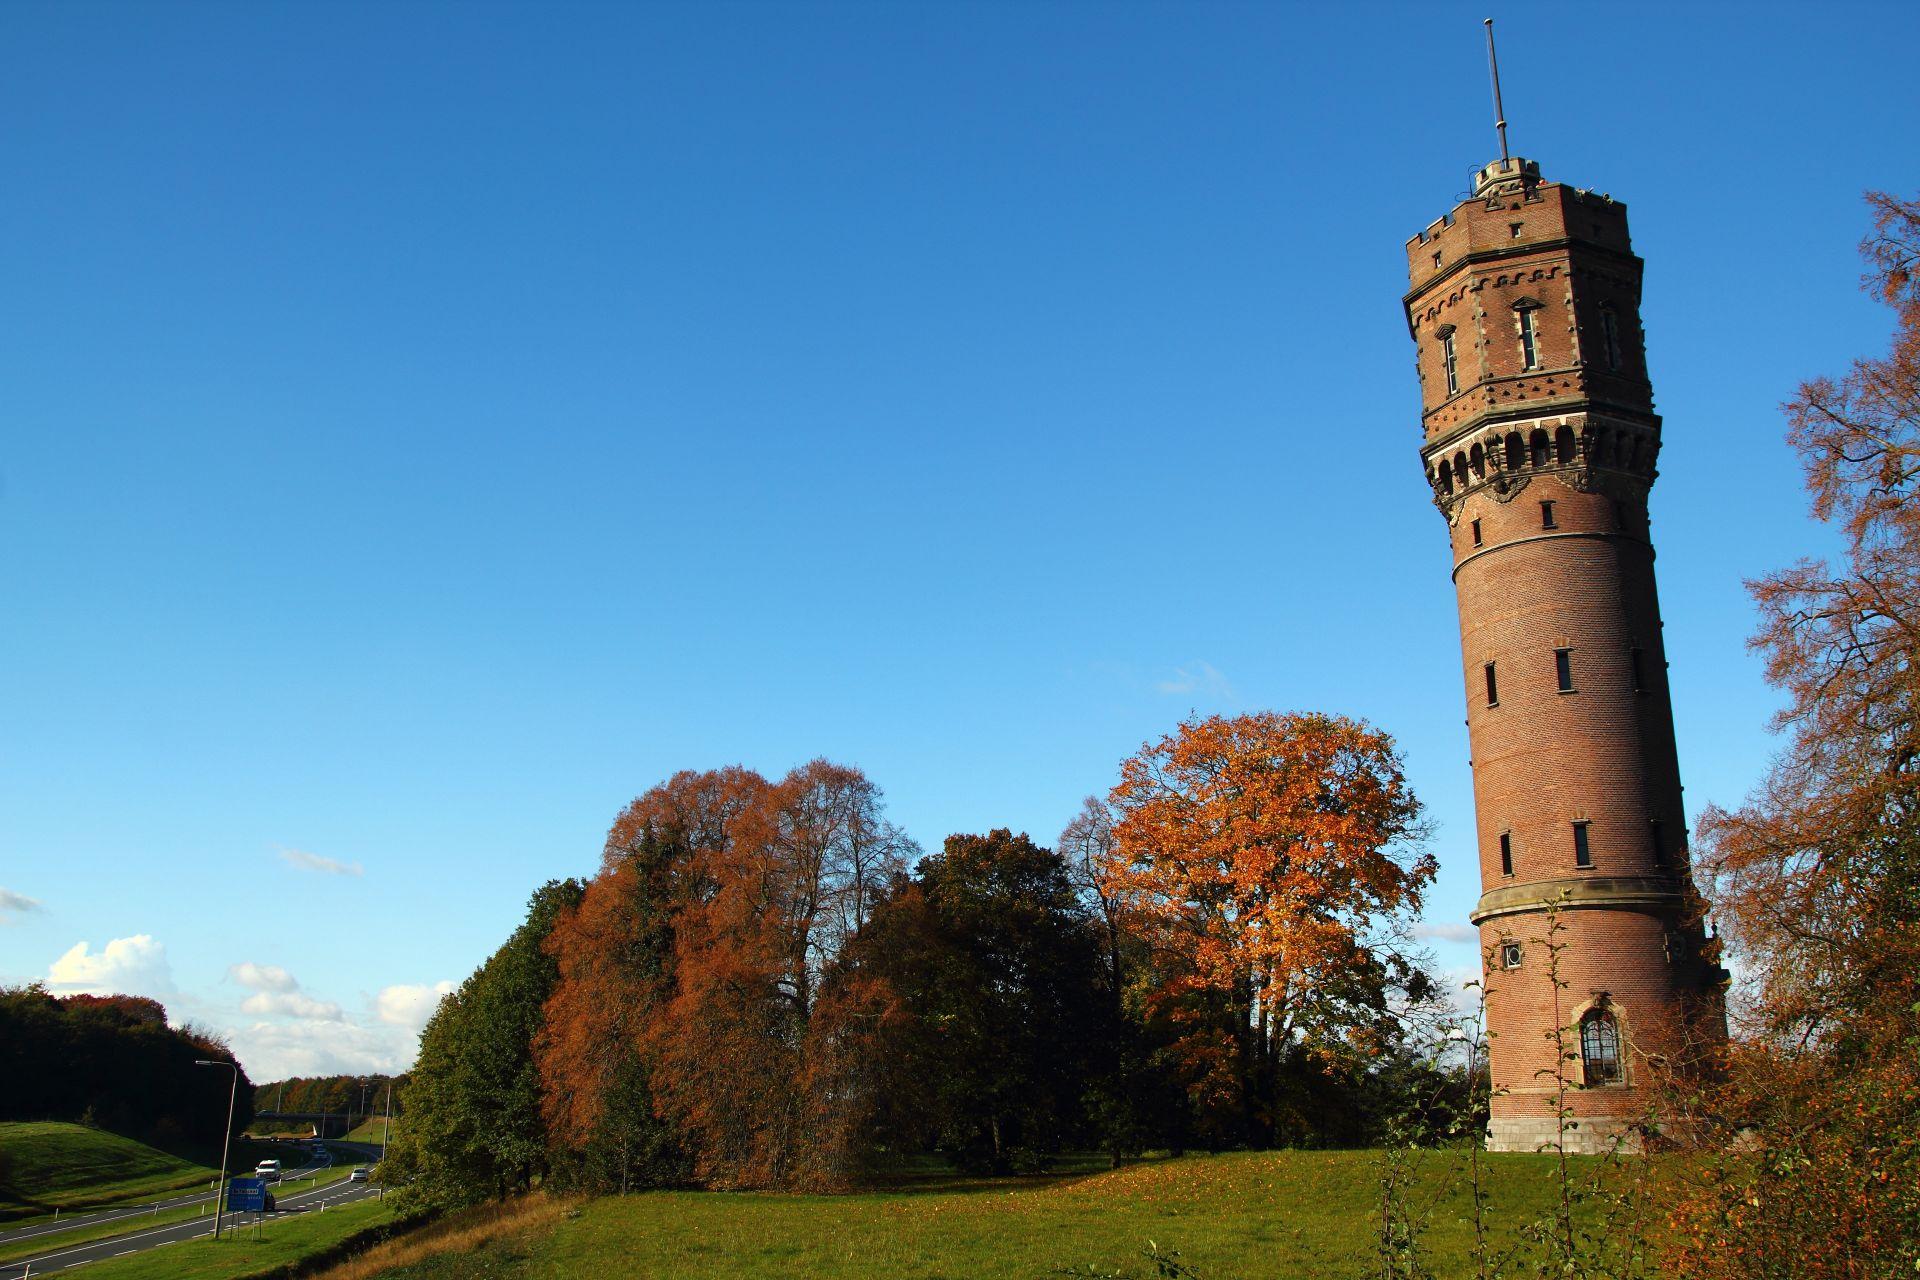 Programma Open Monumentendag Delden 2017 - Watertoren weer geopend